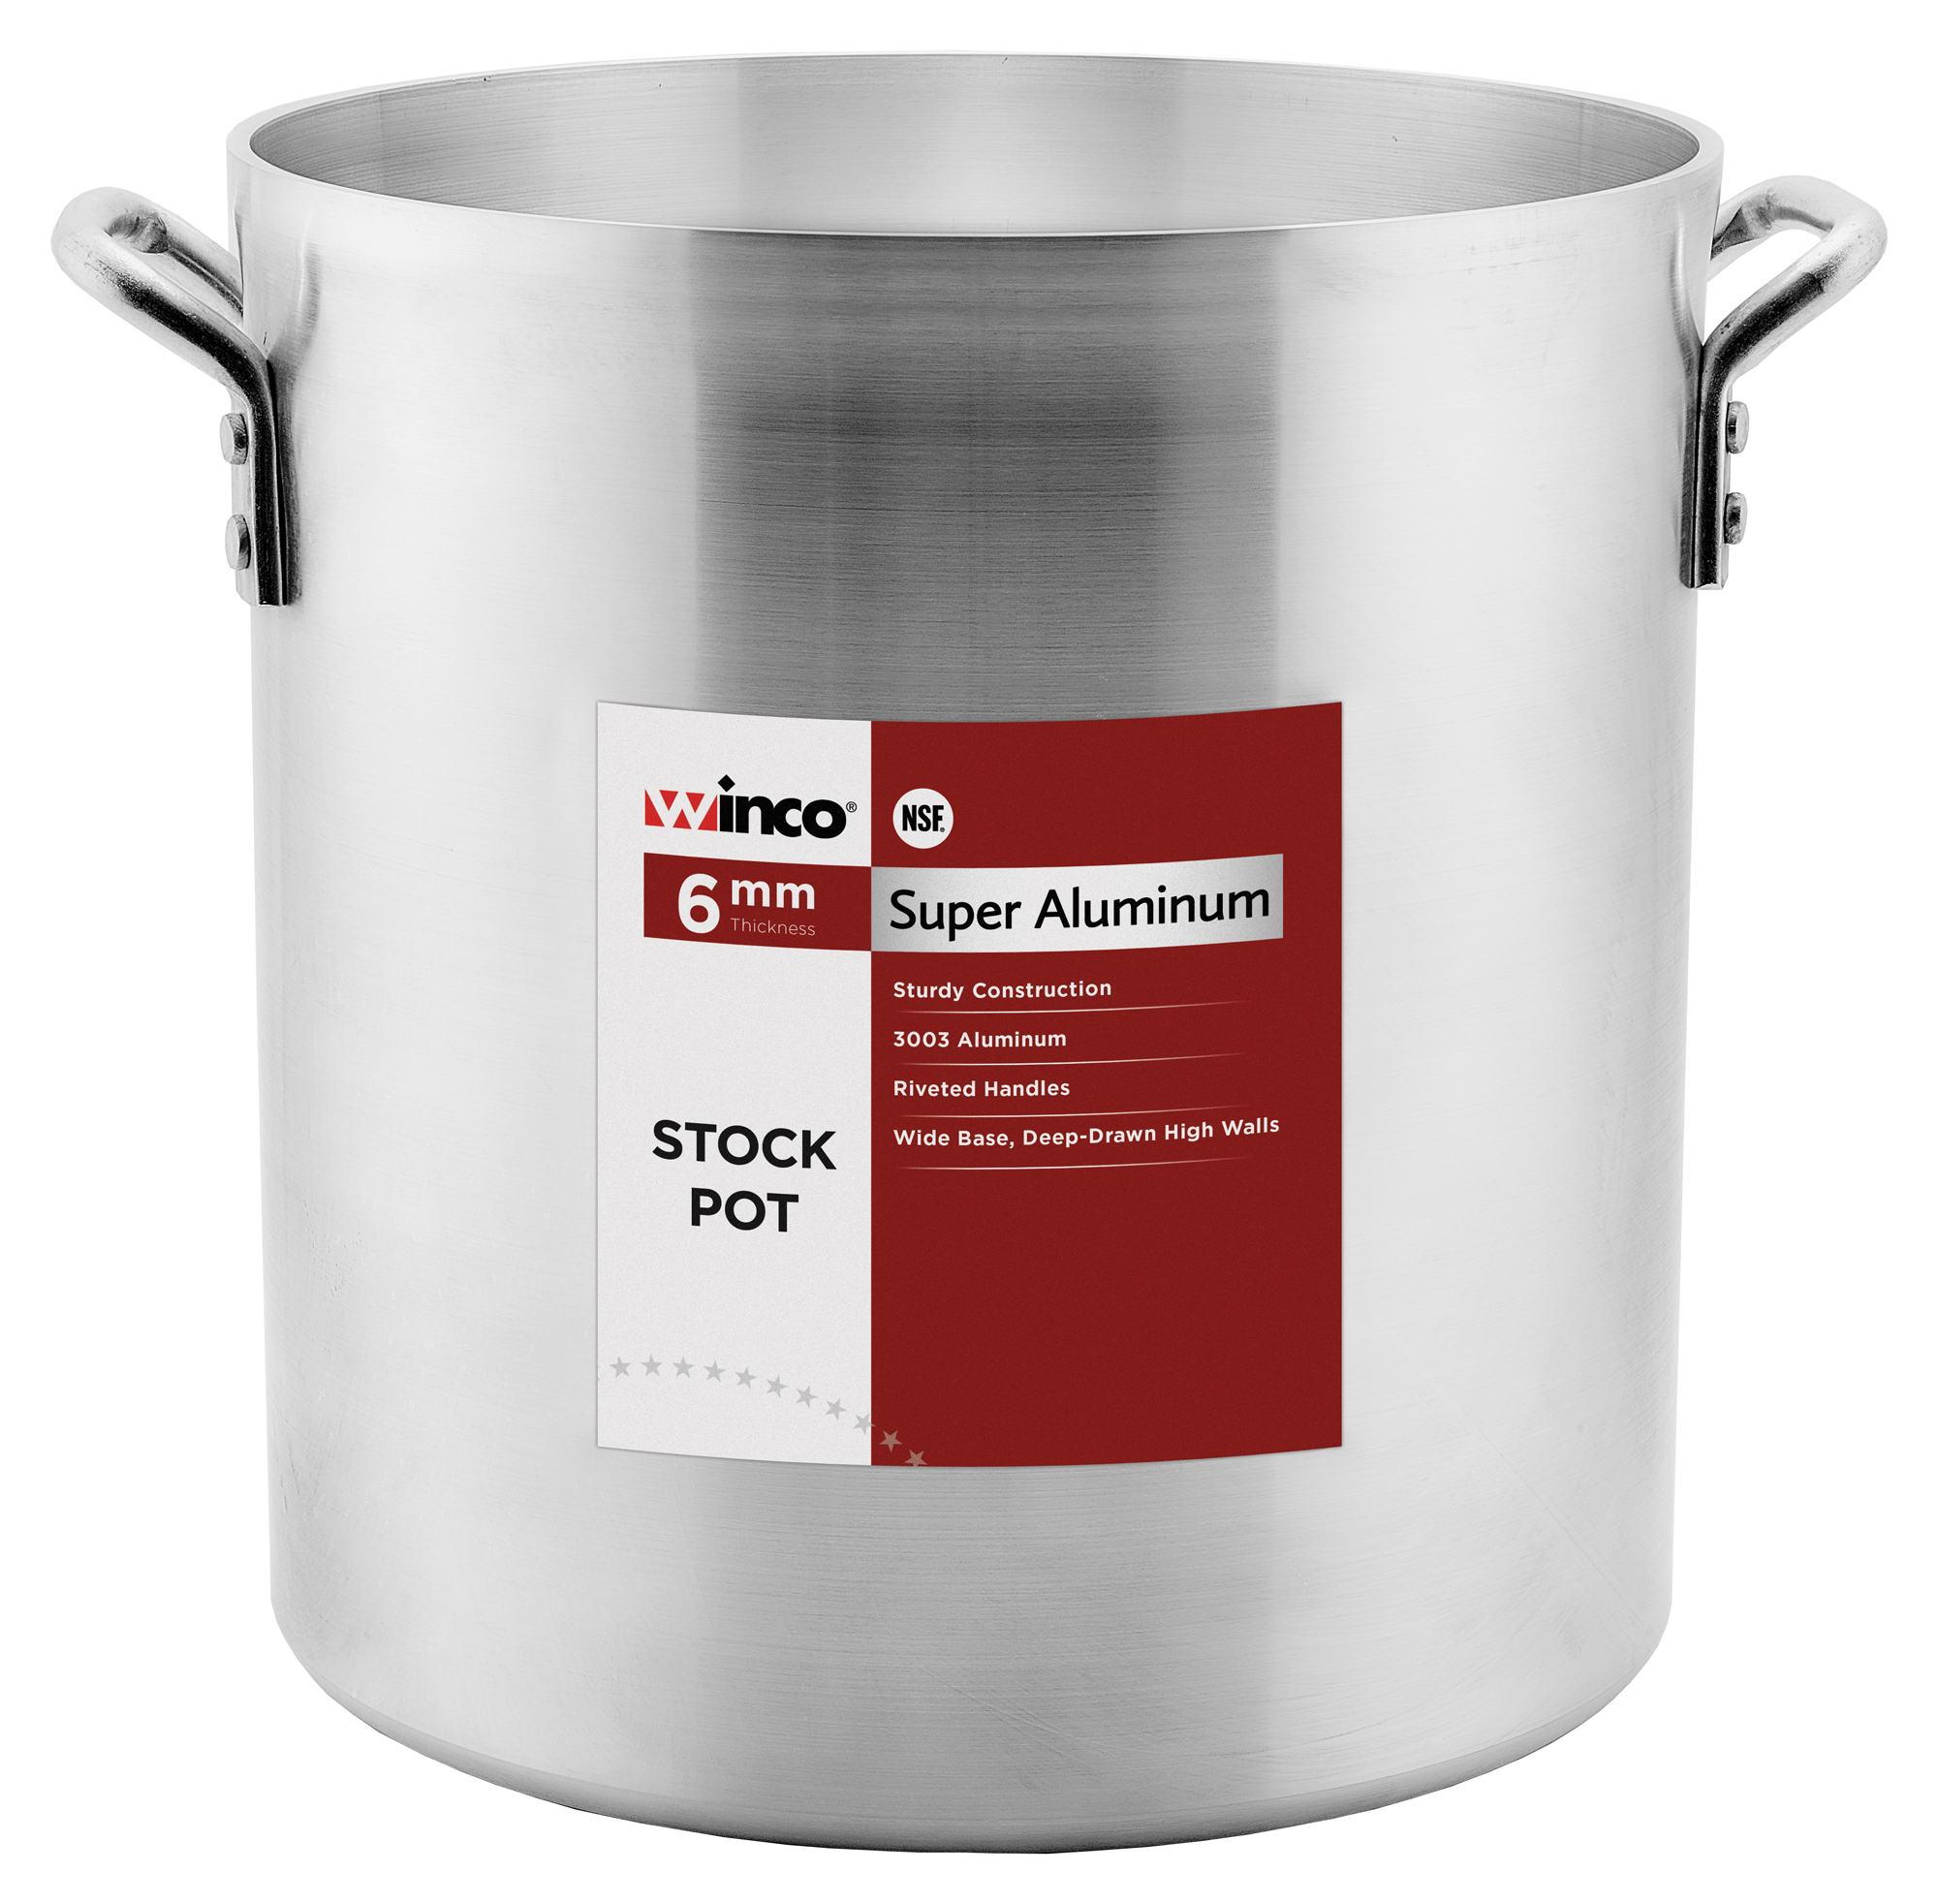 Winco AXHH-120 stock pot